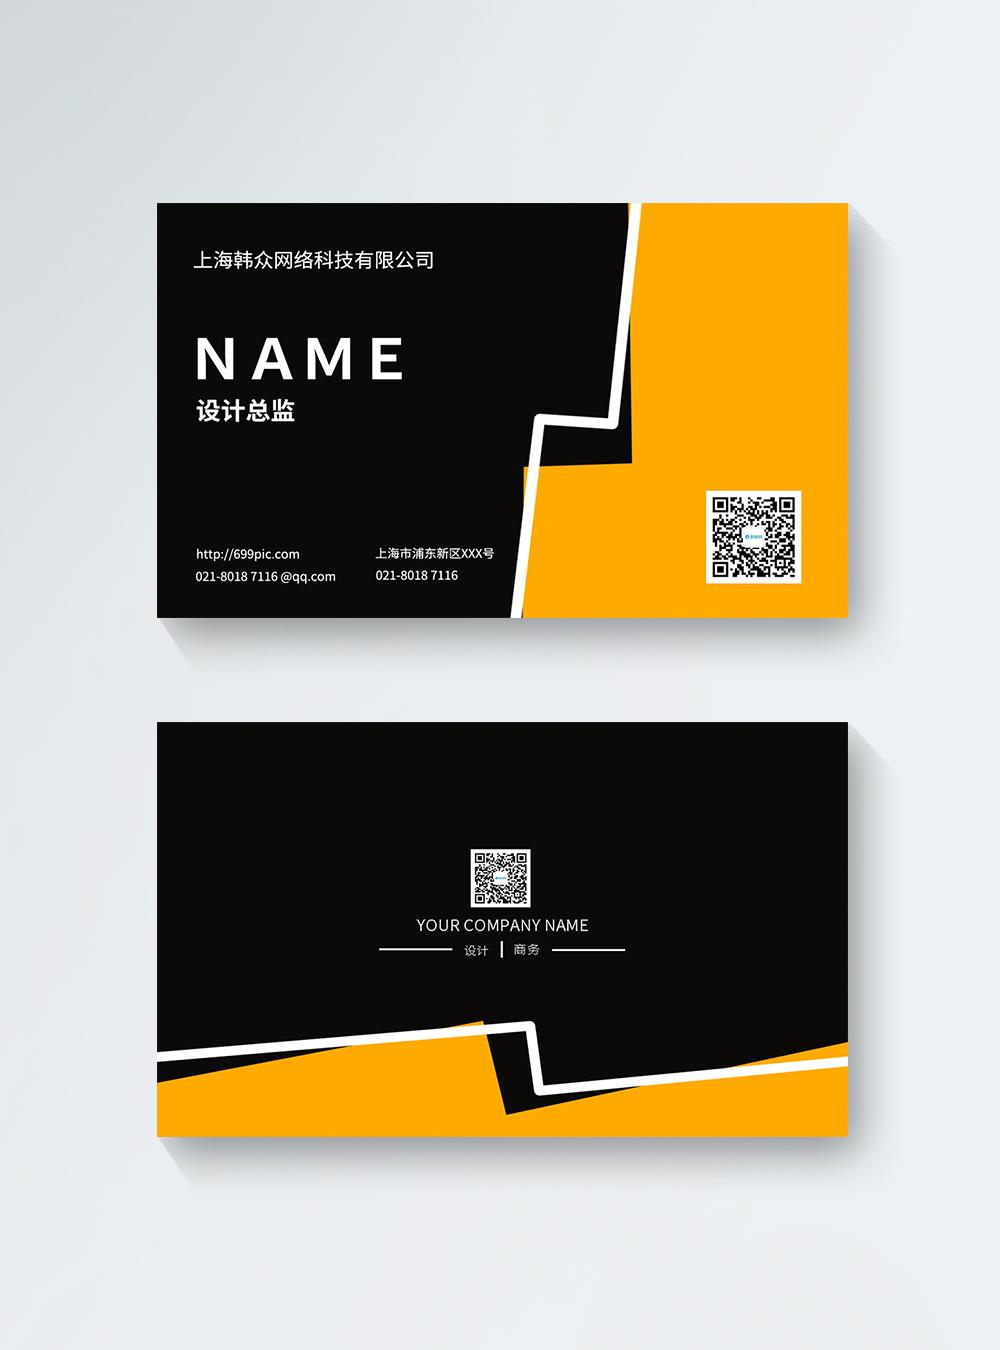 Template Desain Kartu Nama Direktur Desain Minimalis Gambar Unduh Gratis Templat 401395325 Format Gambar Psd Lovepik Com